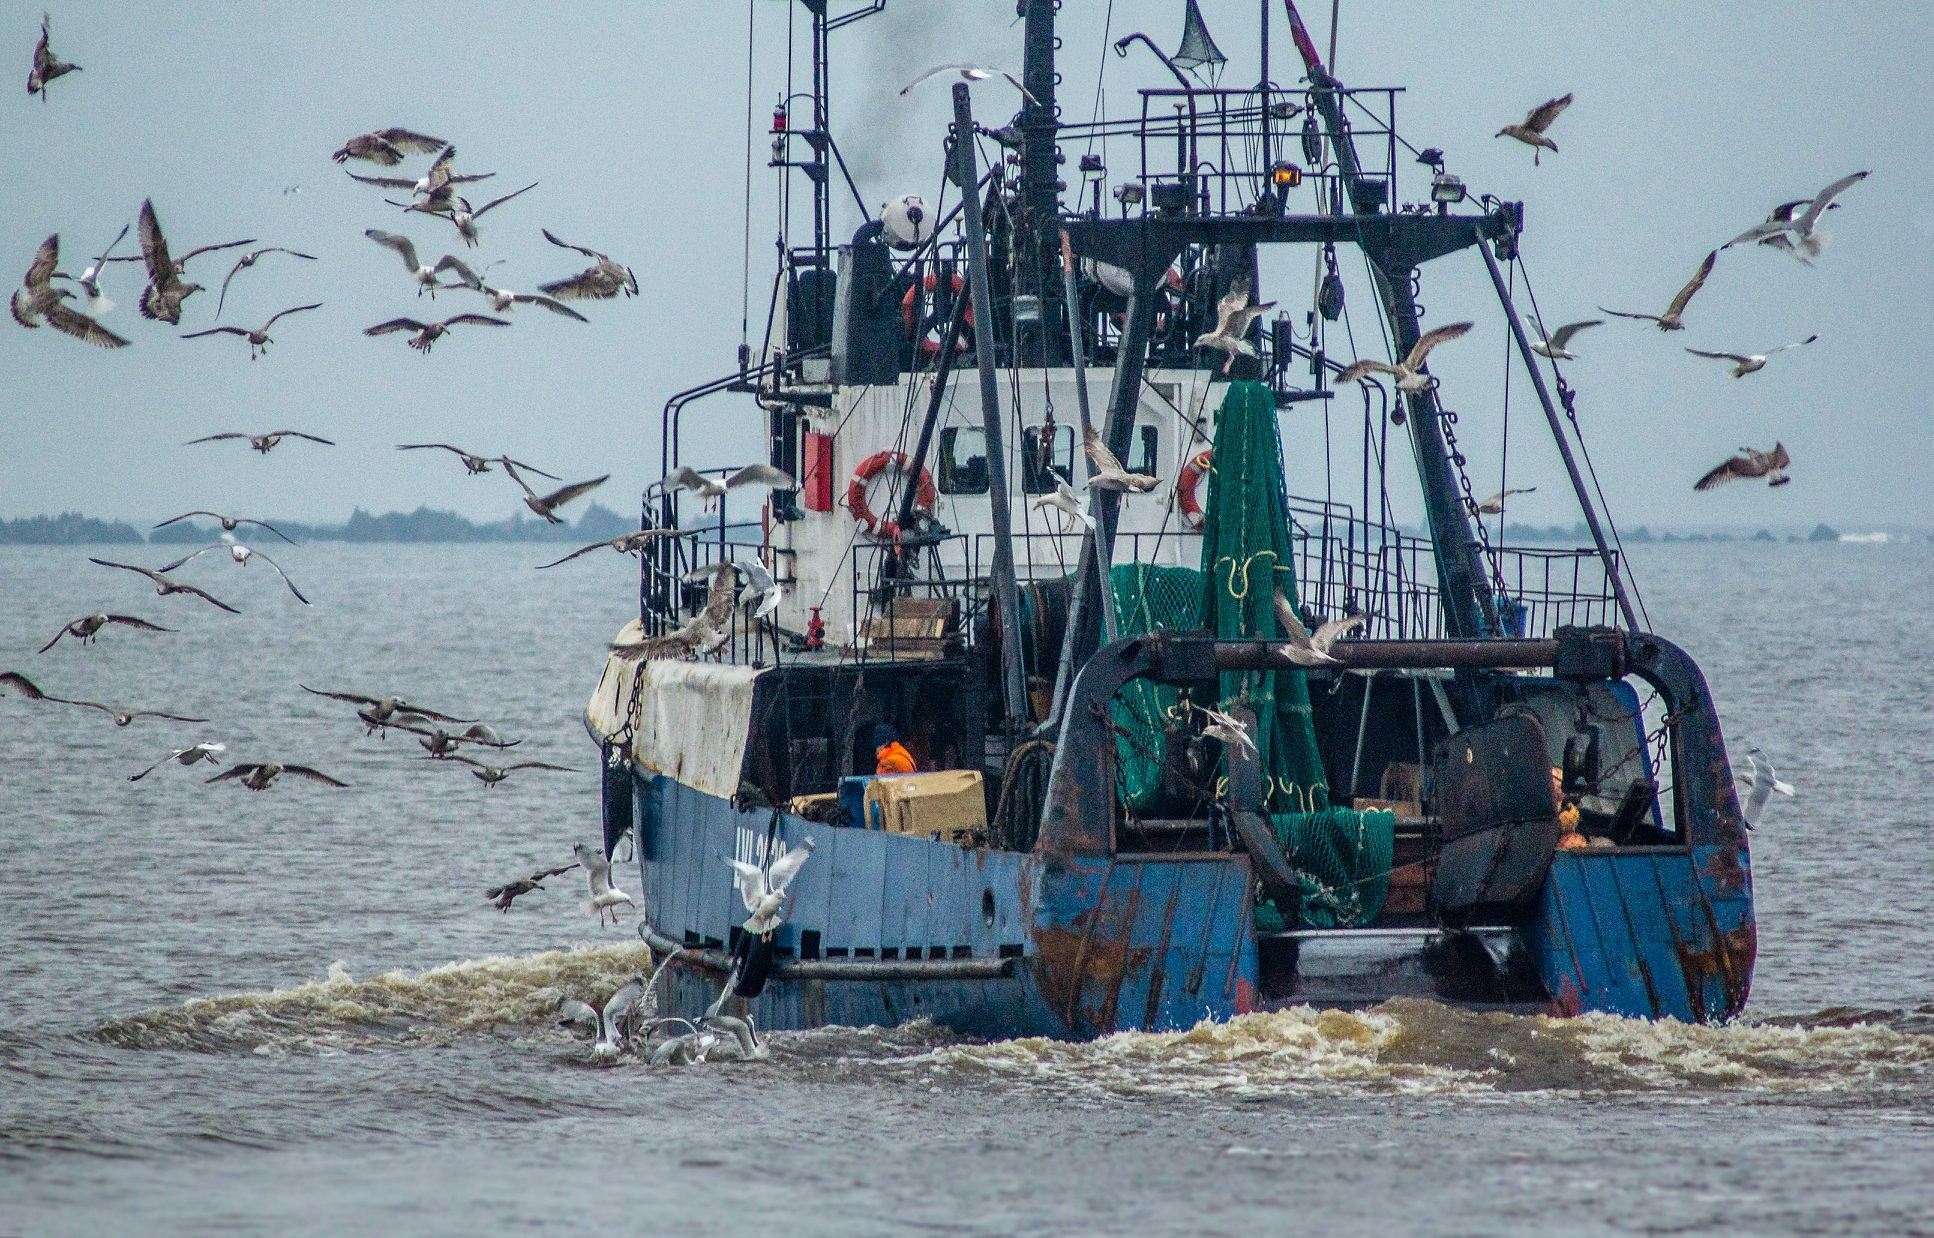 Stājas spēkā grozījumi noteikumos par rūpnieciskās zvejas limitiem iekšējos ūdeņos